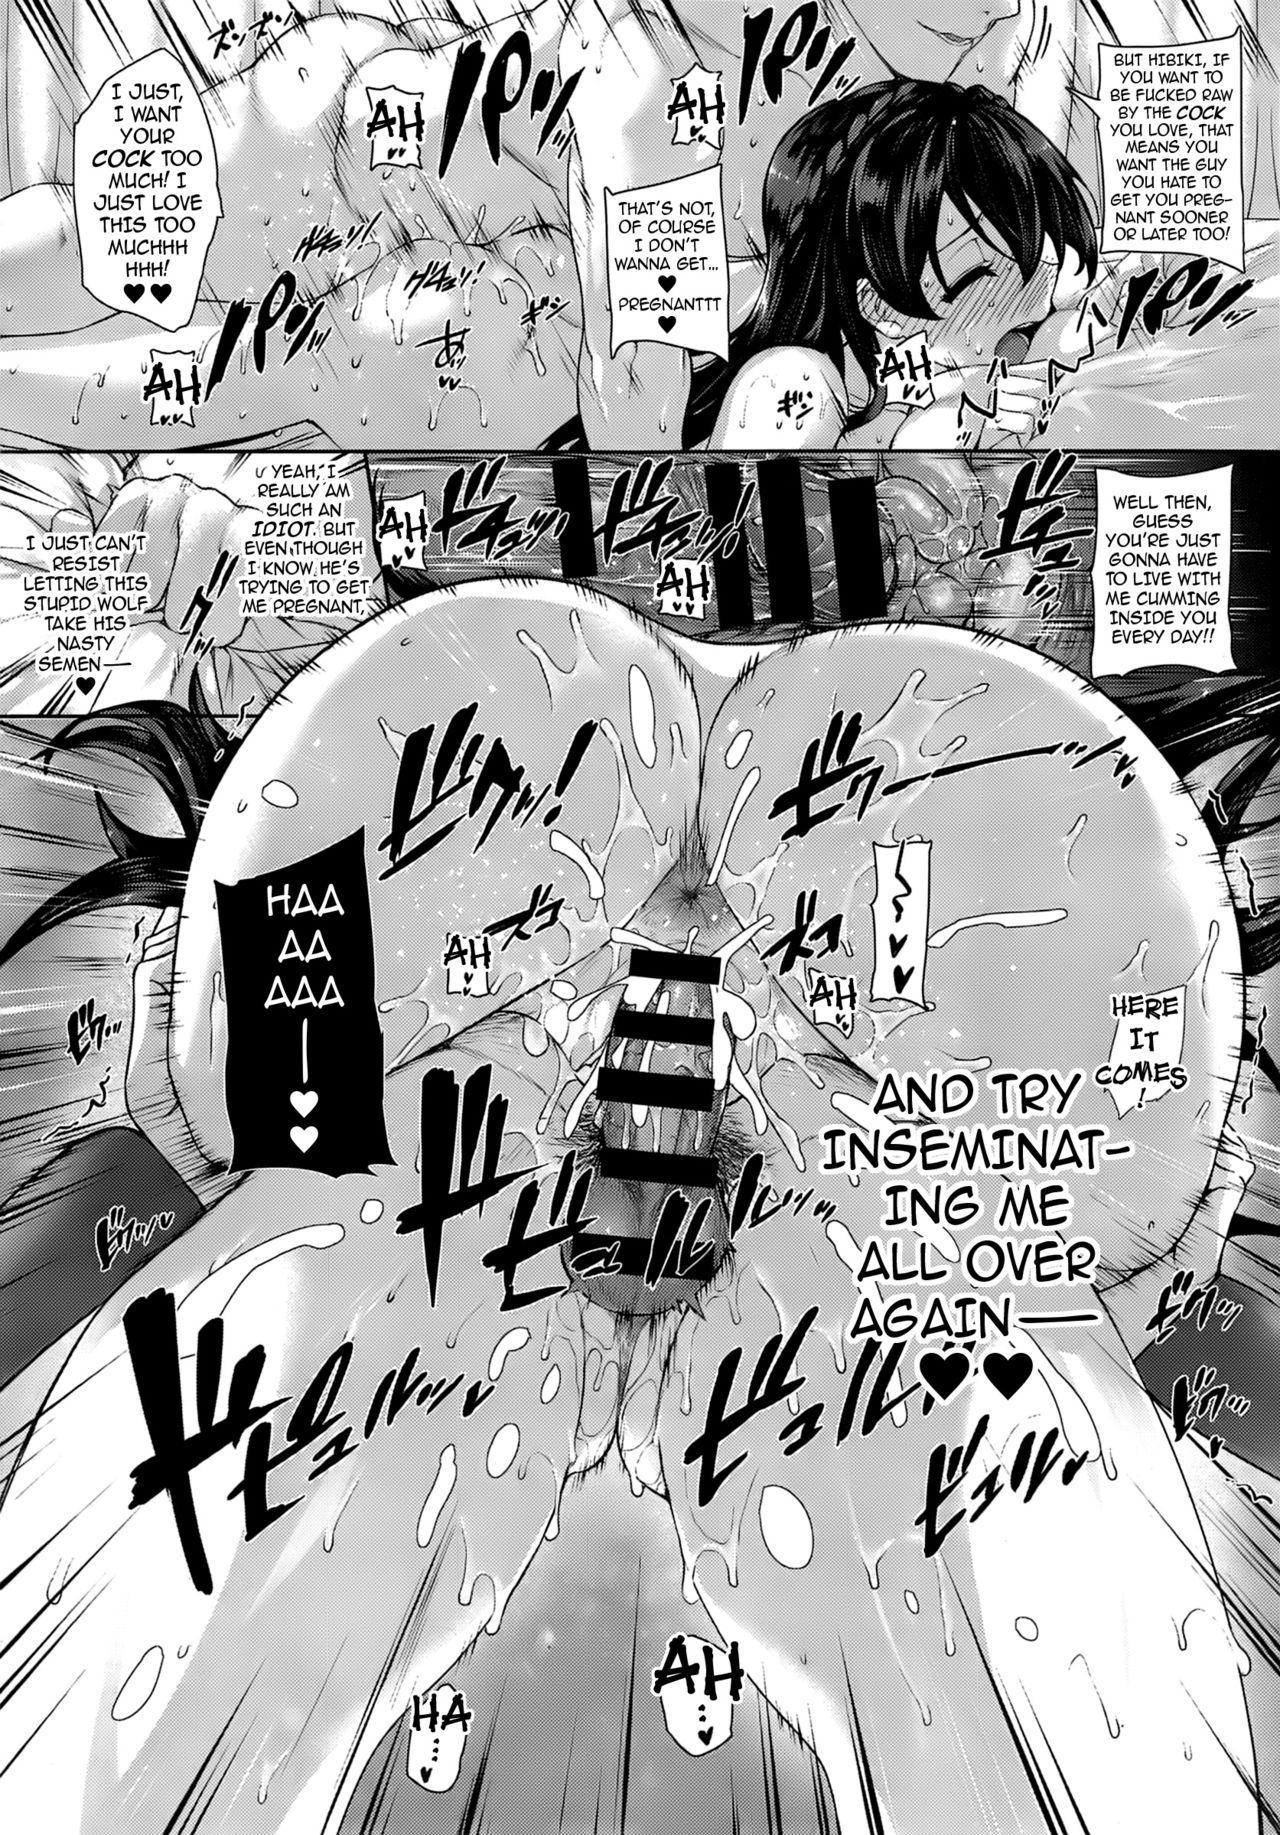 [Katsurai Yoshiaki] Amatsuka Gakuen no Ryoukan Seikatsu | Angel Academy's Hardcore Dorm Sex Life 1-2, 4-8 [English] {darknight} [Digital] 28